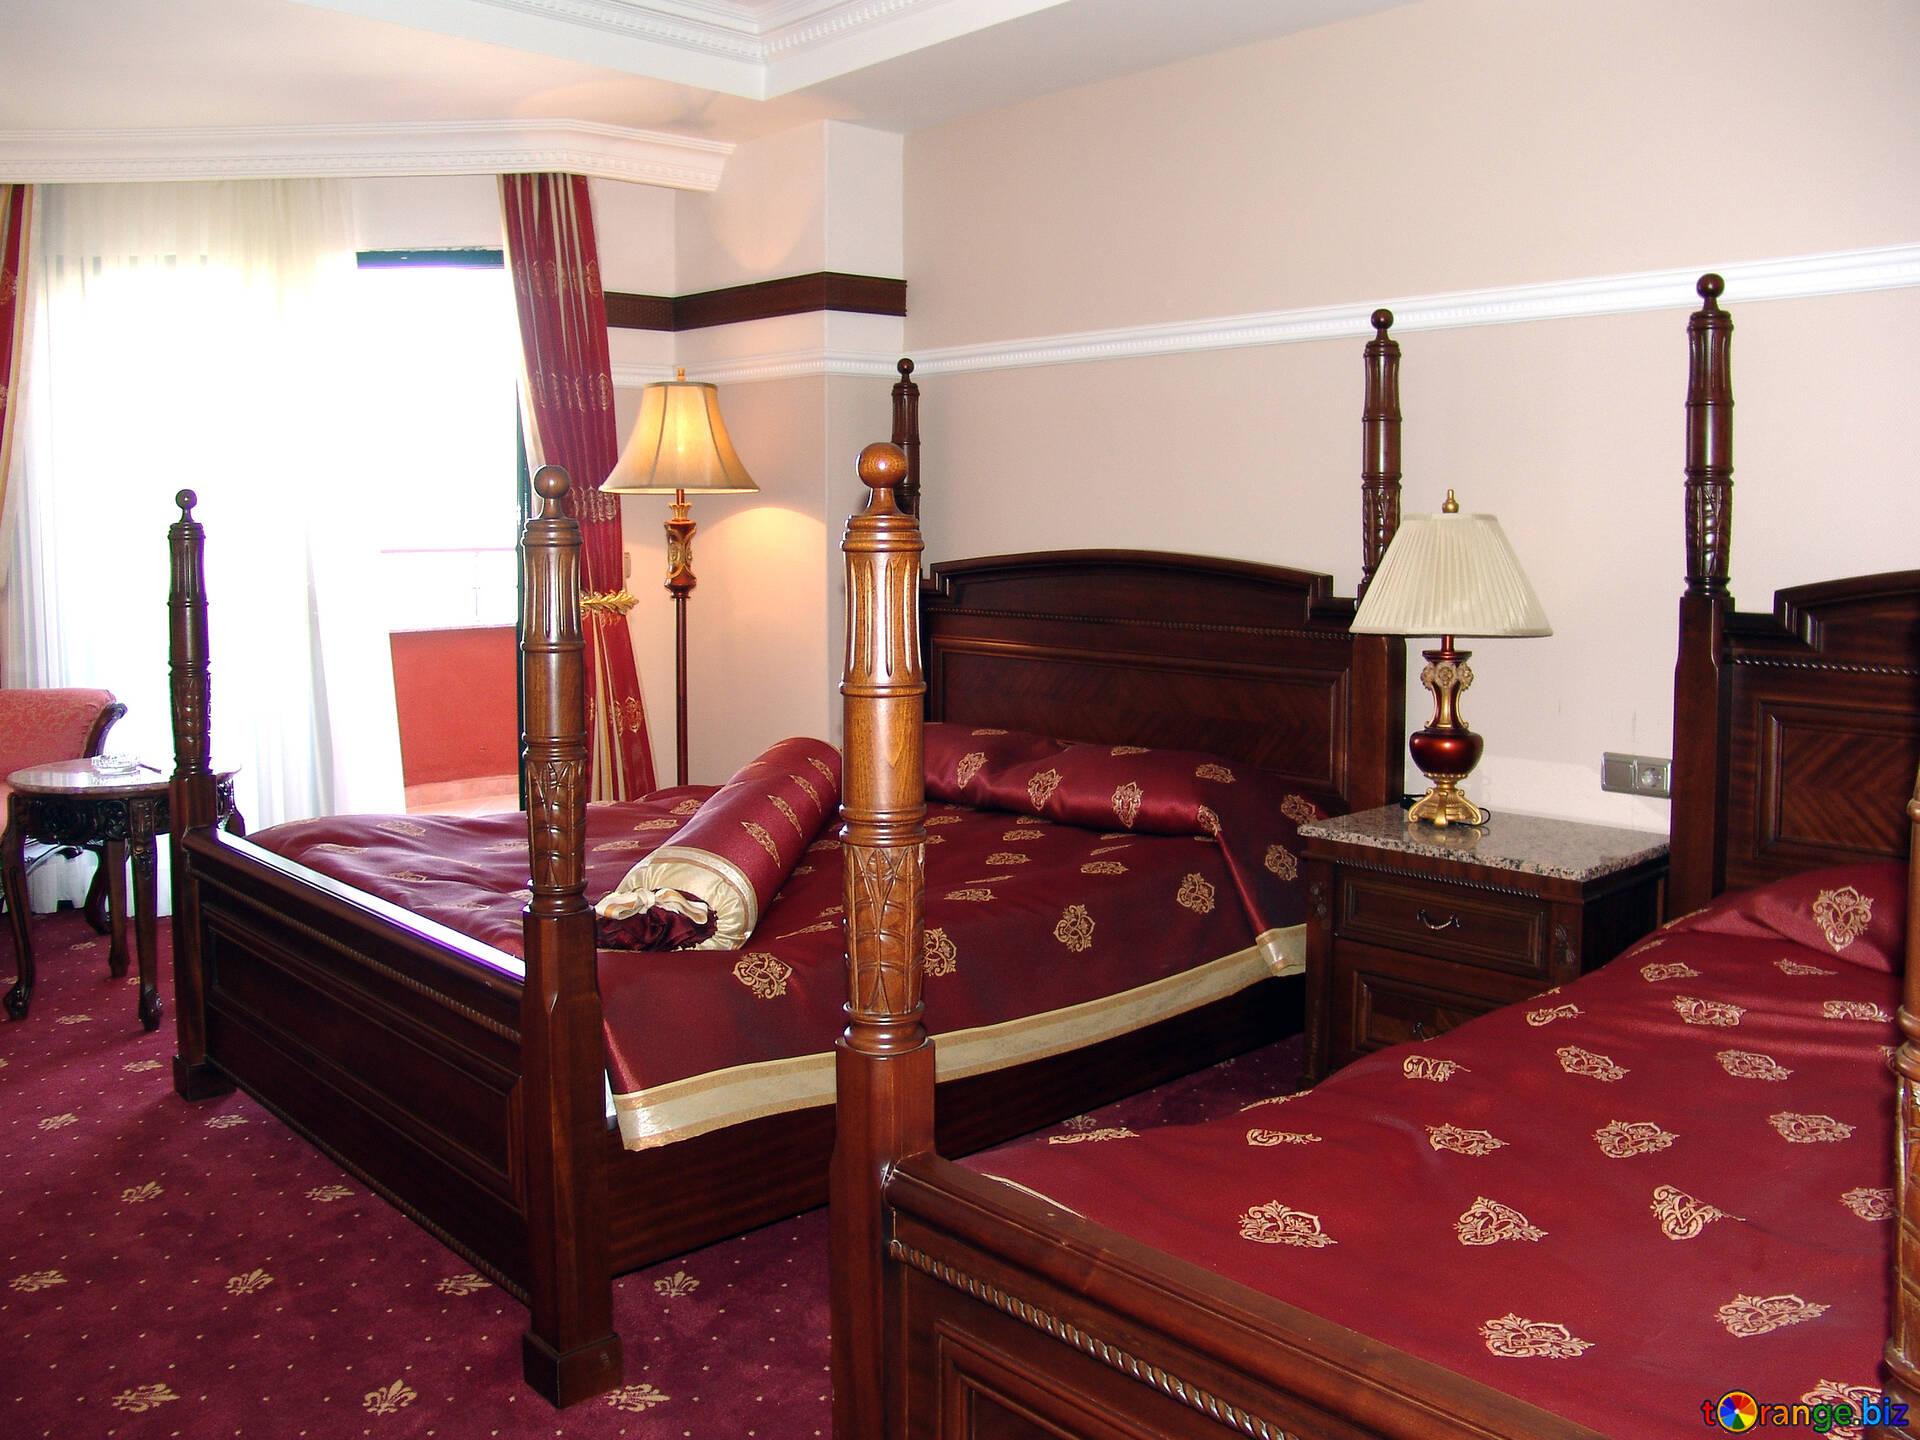 Hotel Innenbereich Bild Reich Innen Schlafzimmer Bilder Mobel 7983 Torange Biz